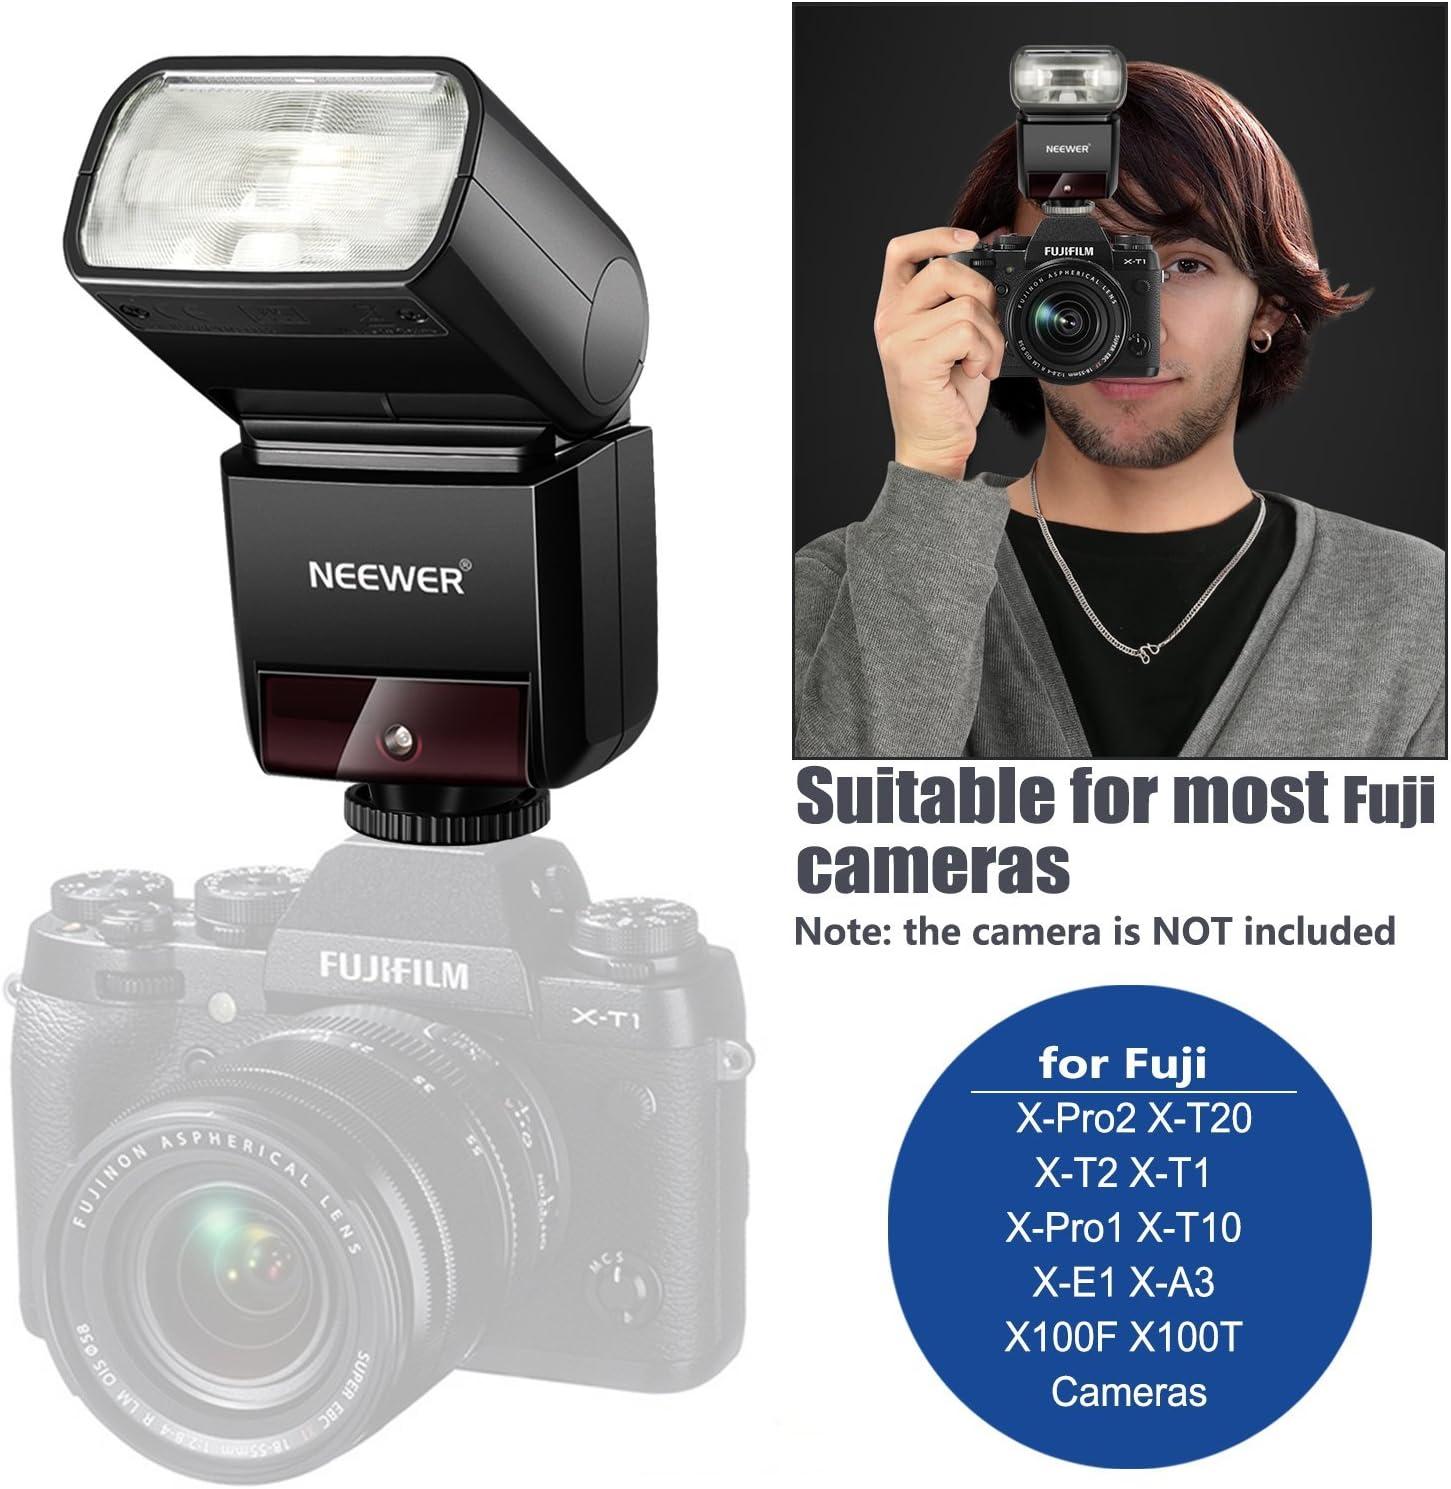 X-T20 X-T2 X-E1 X-T1 Neewer 2.4G Wireless TTL Speedlite Flash HSS 1//8000s GN36 with Hard Diffuser for Fujifilm X-Pro2 X-Pro1 X-A3 X-T10 NW400F X100F X100T Cameras